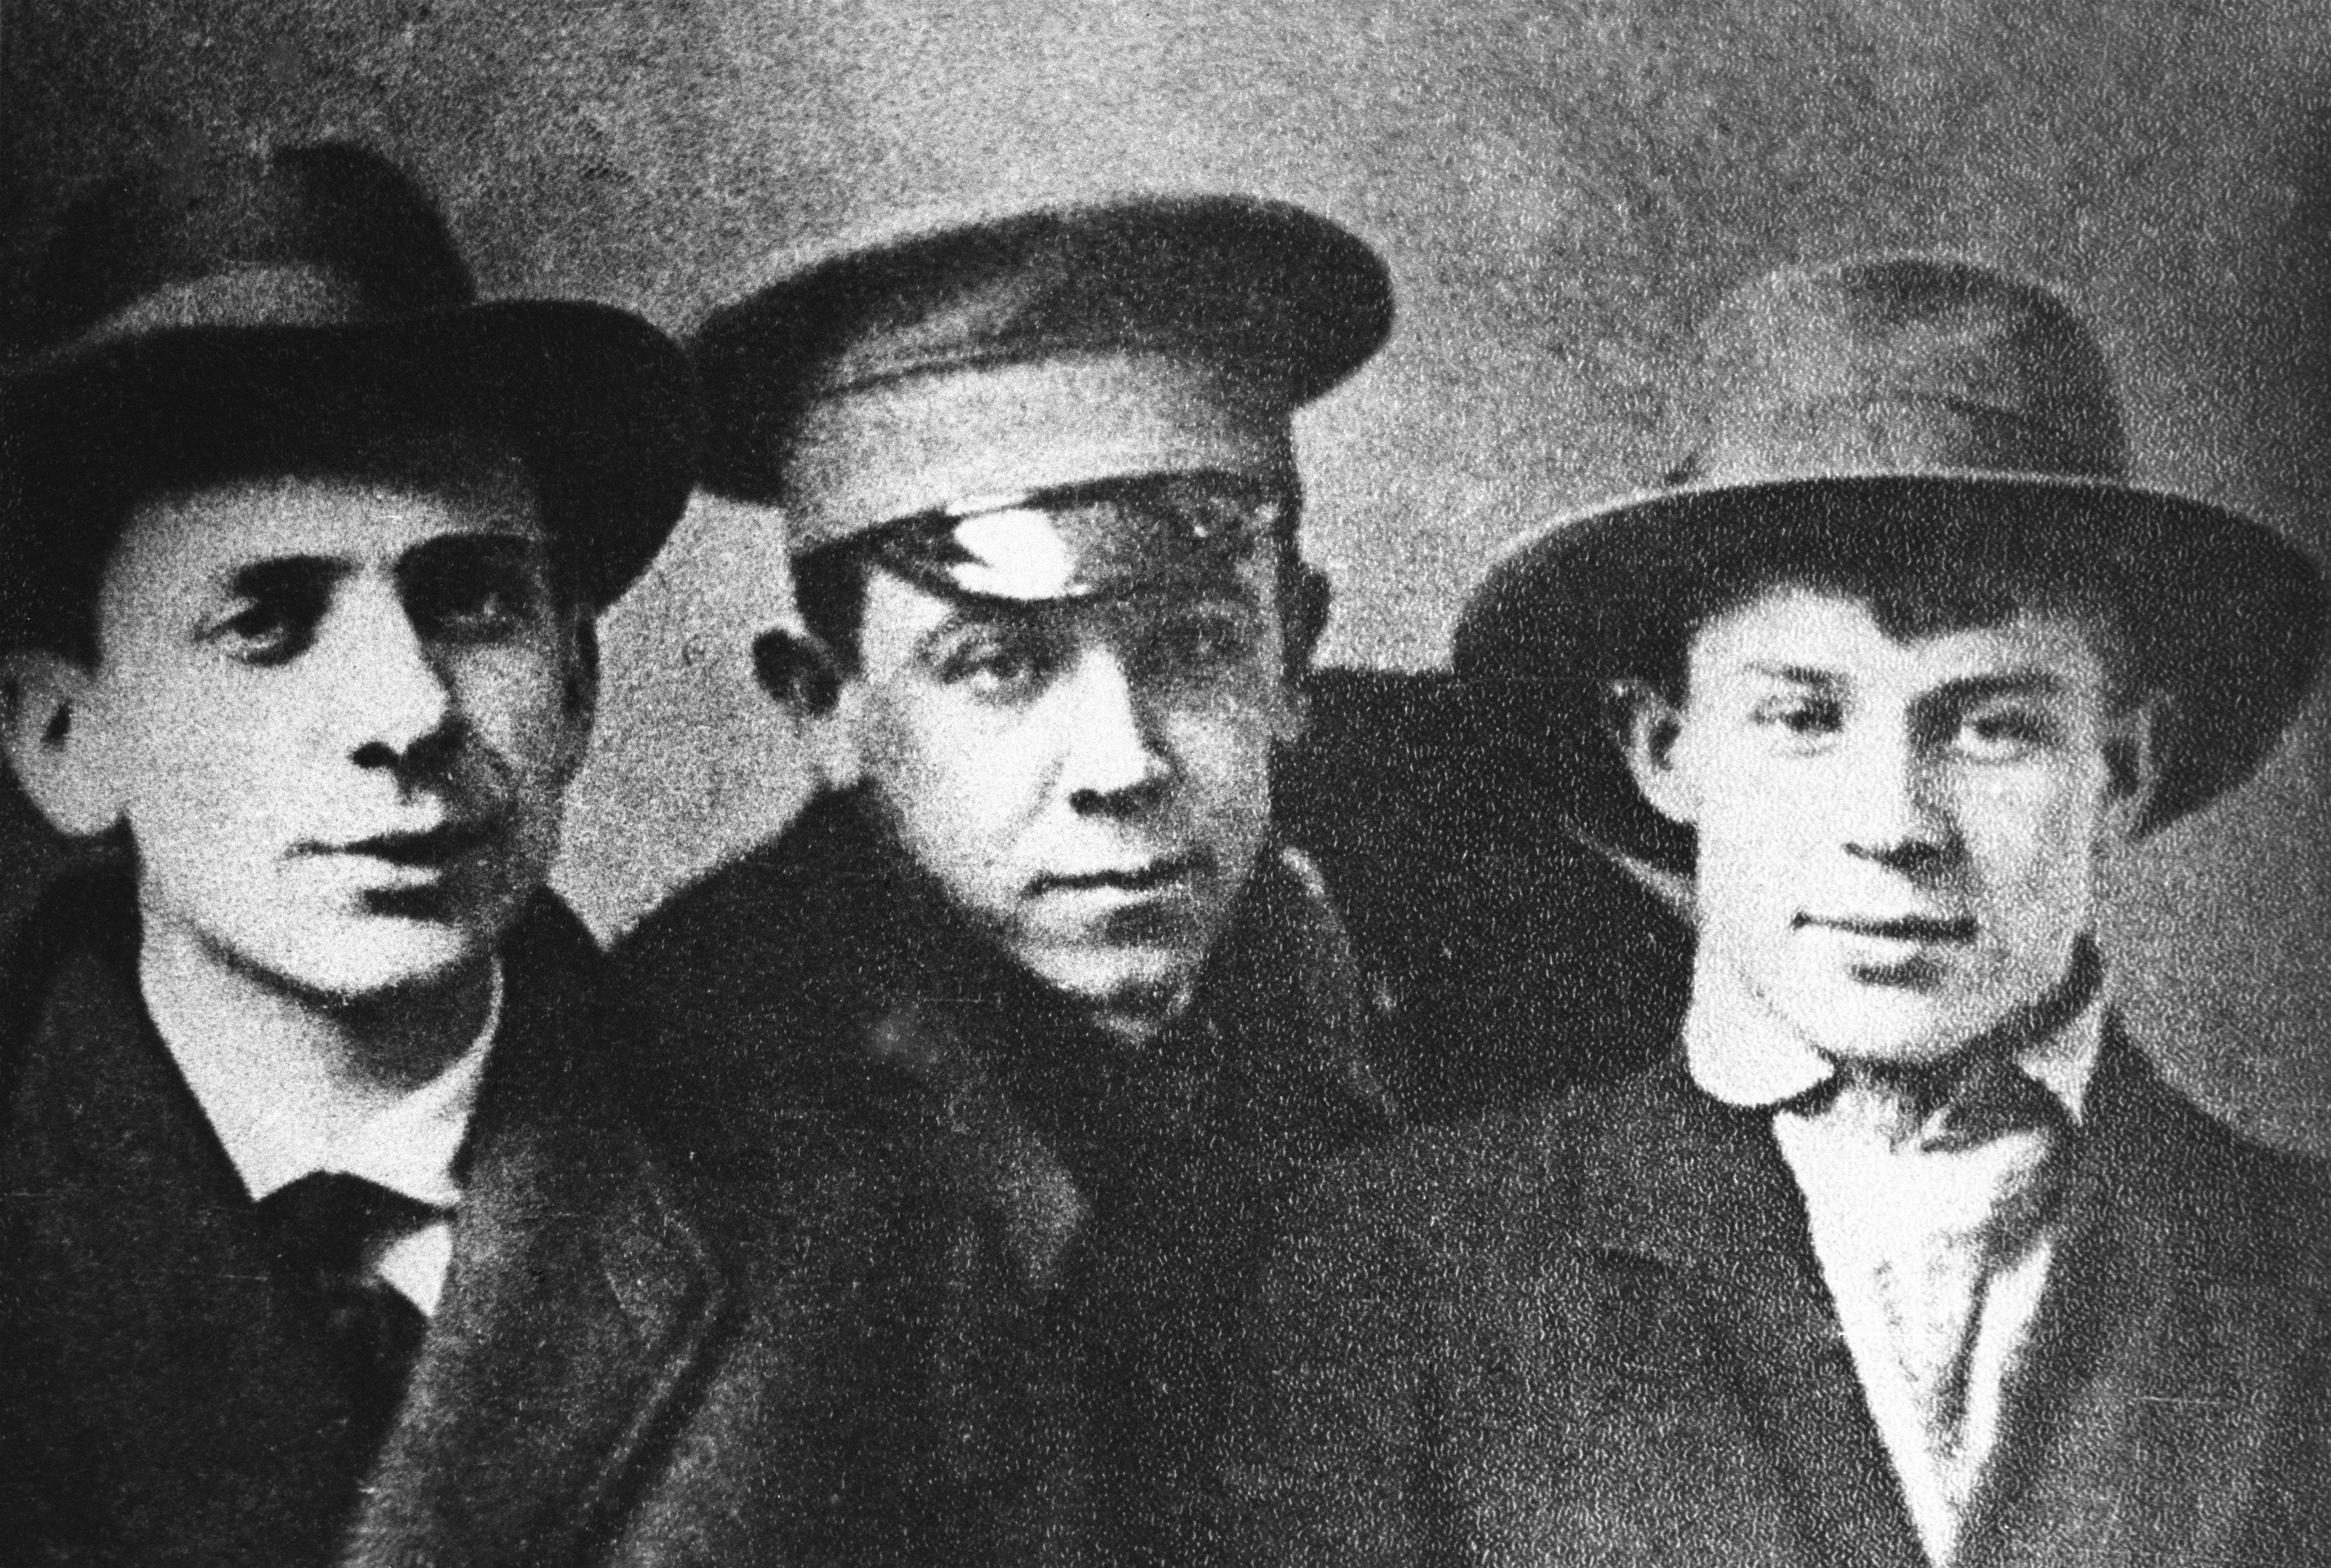 Русские поэты Рюрик Ивнев, Владимир Чернявский и Сергей Есенин. 1915